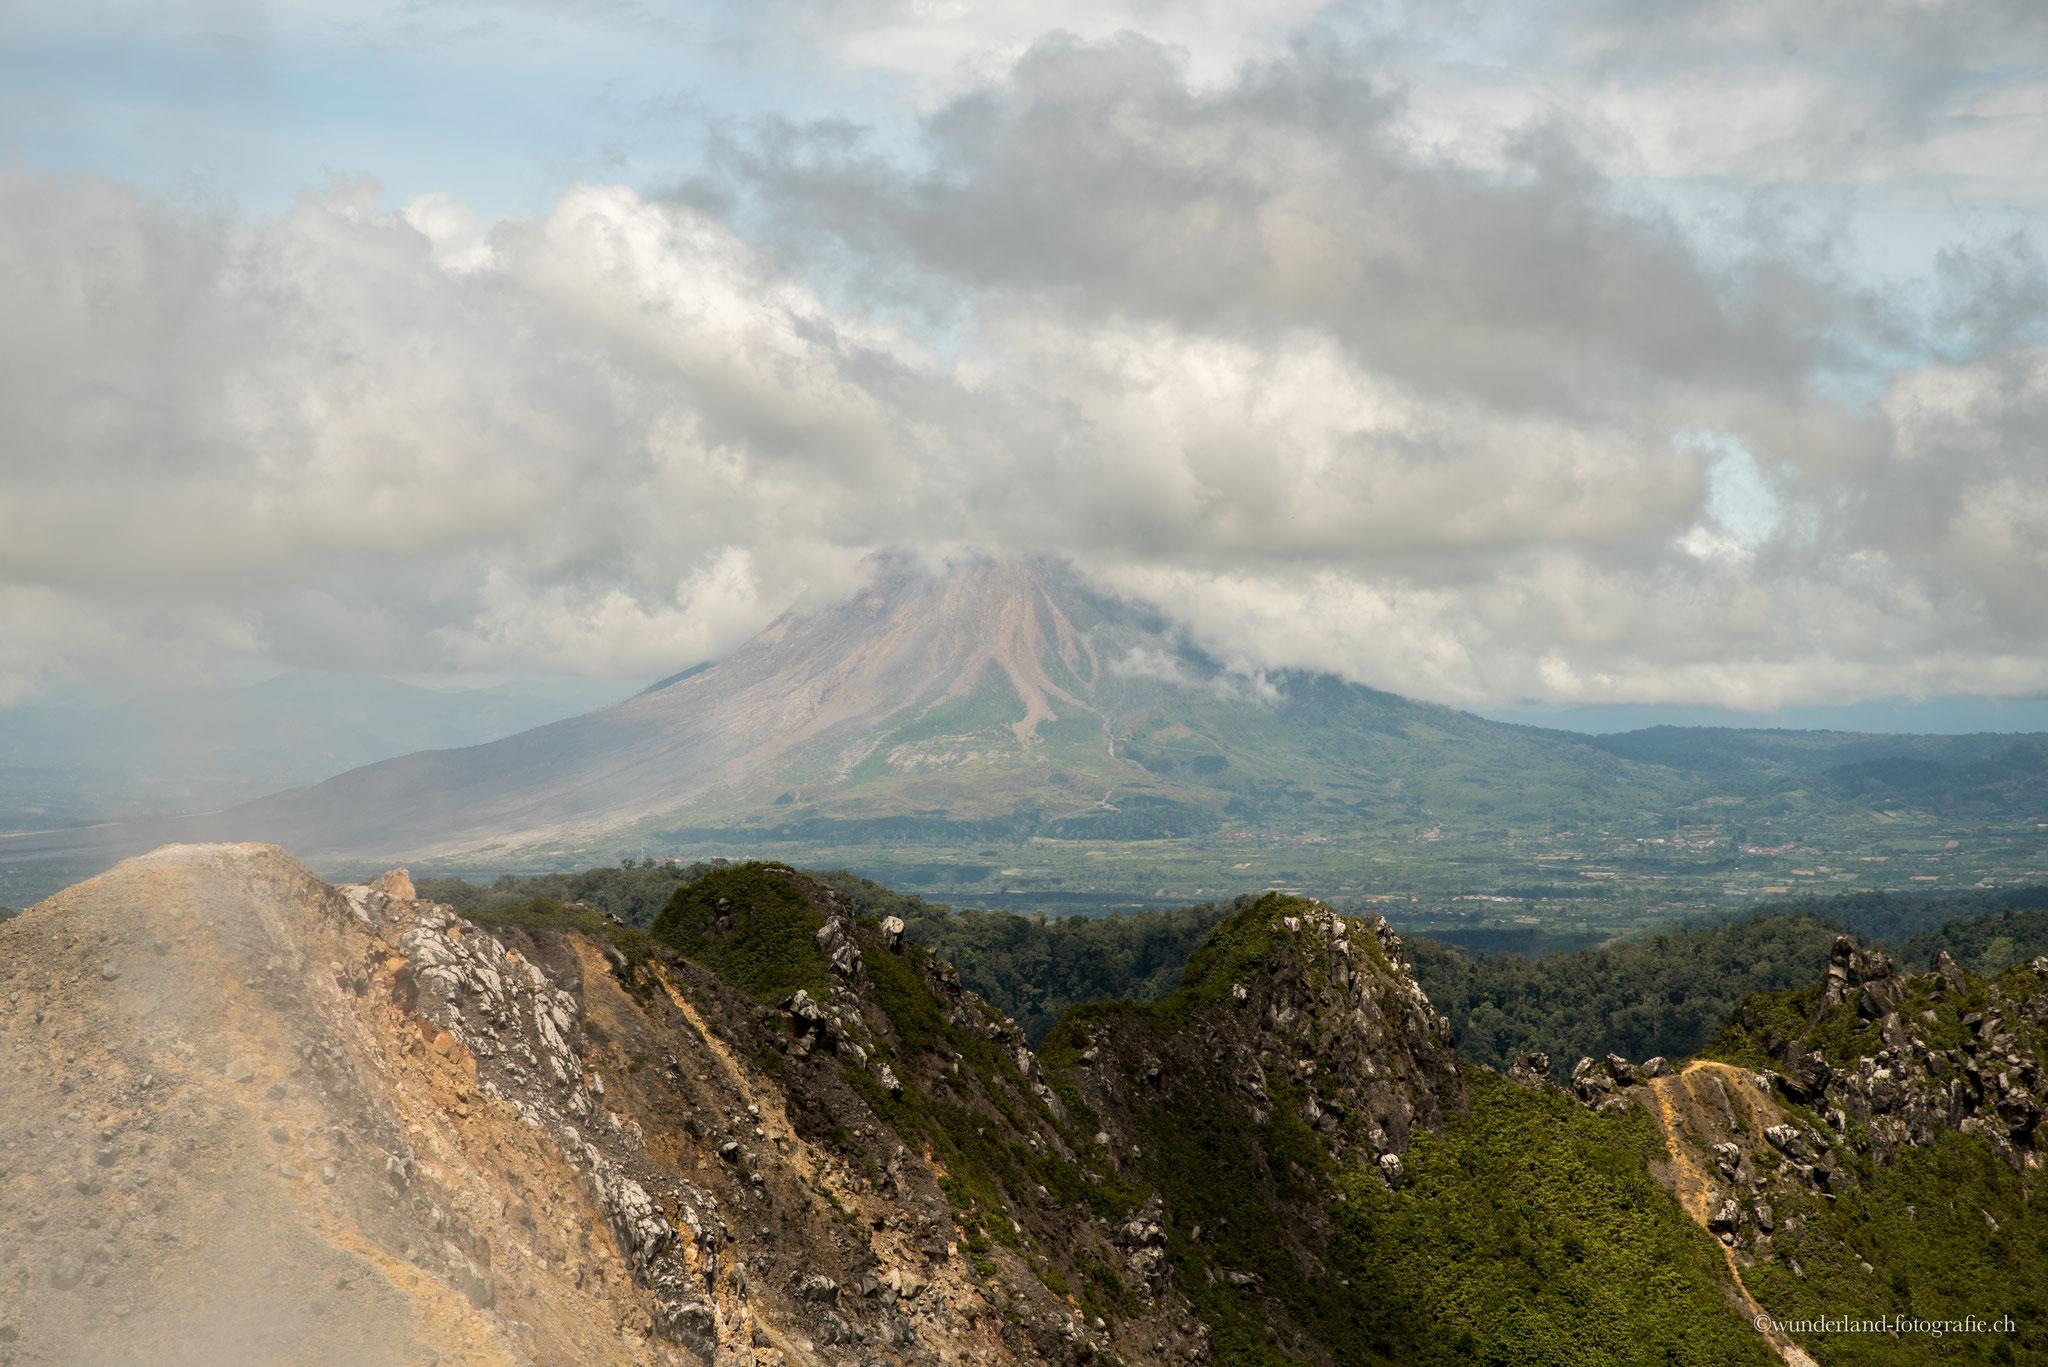 In der Ferne sieht man den regelmässig ausbrechenden Vulkan Sinabung